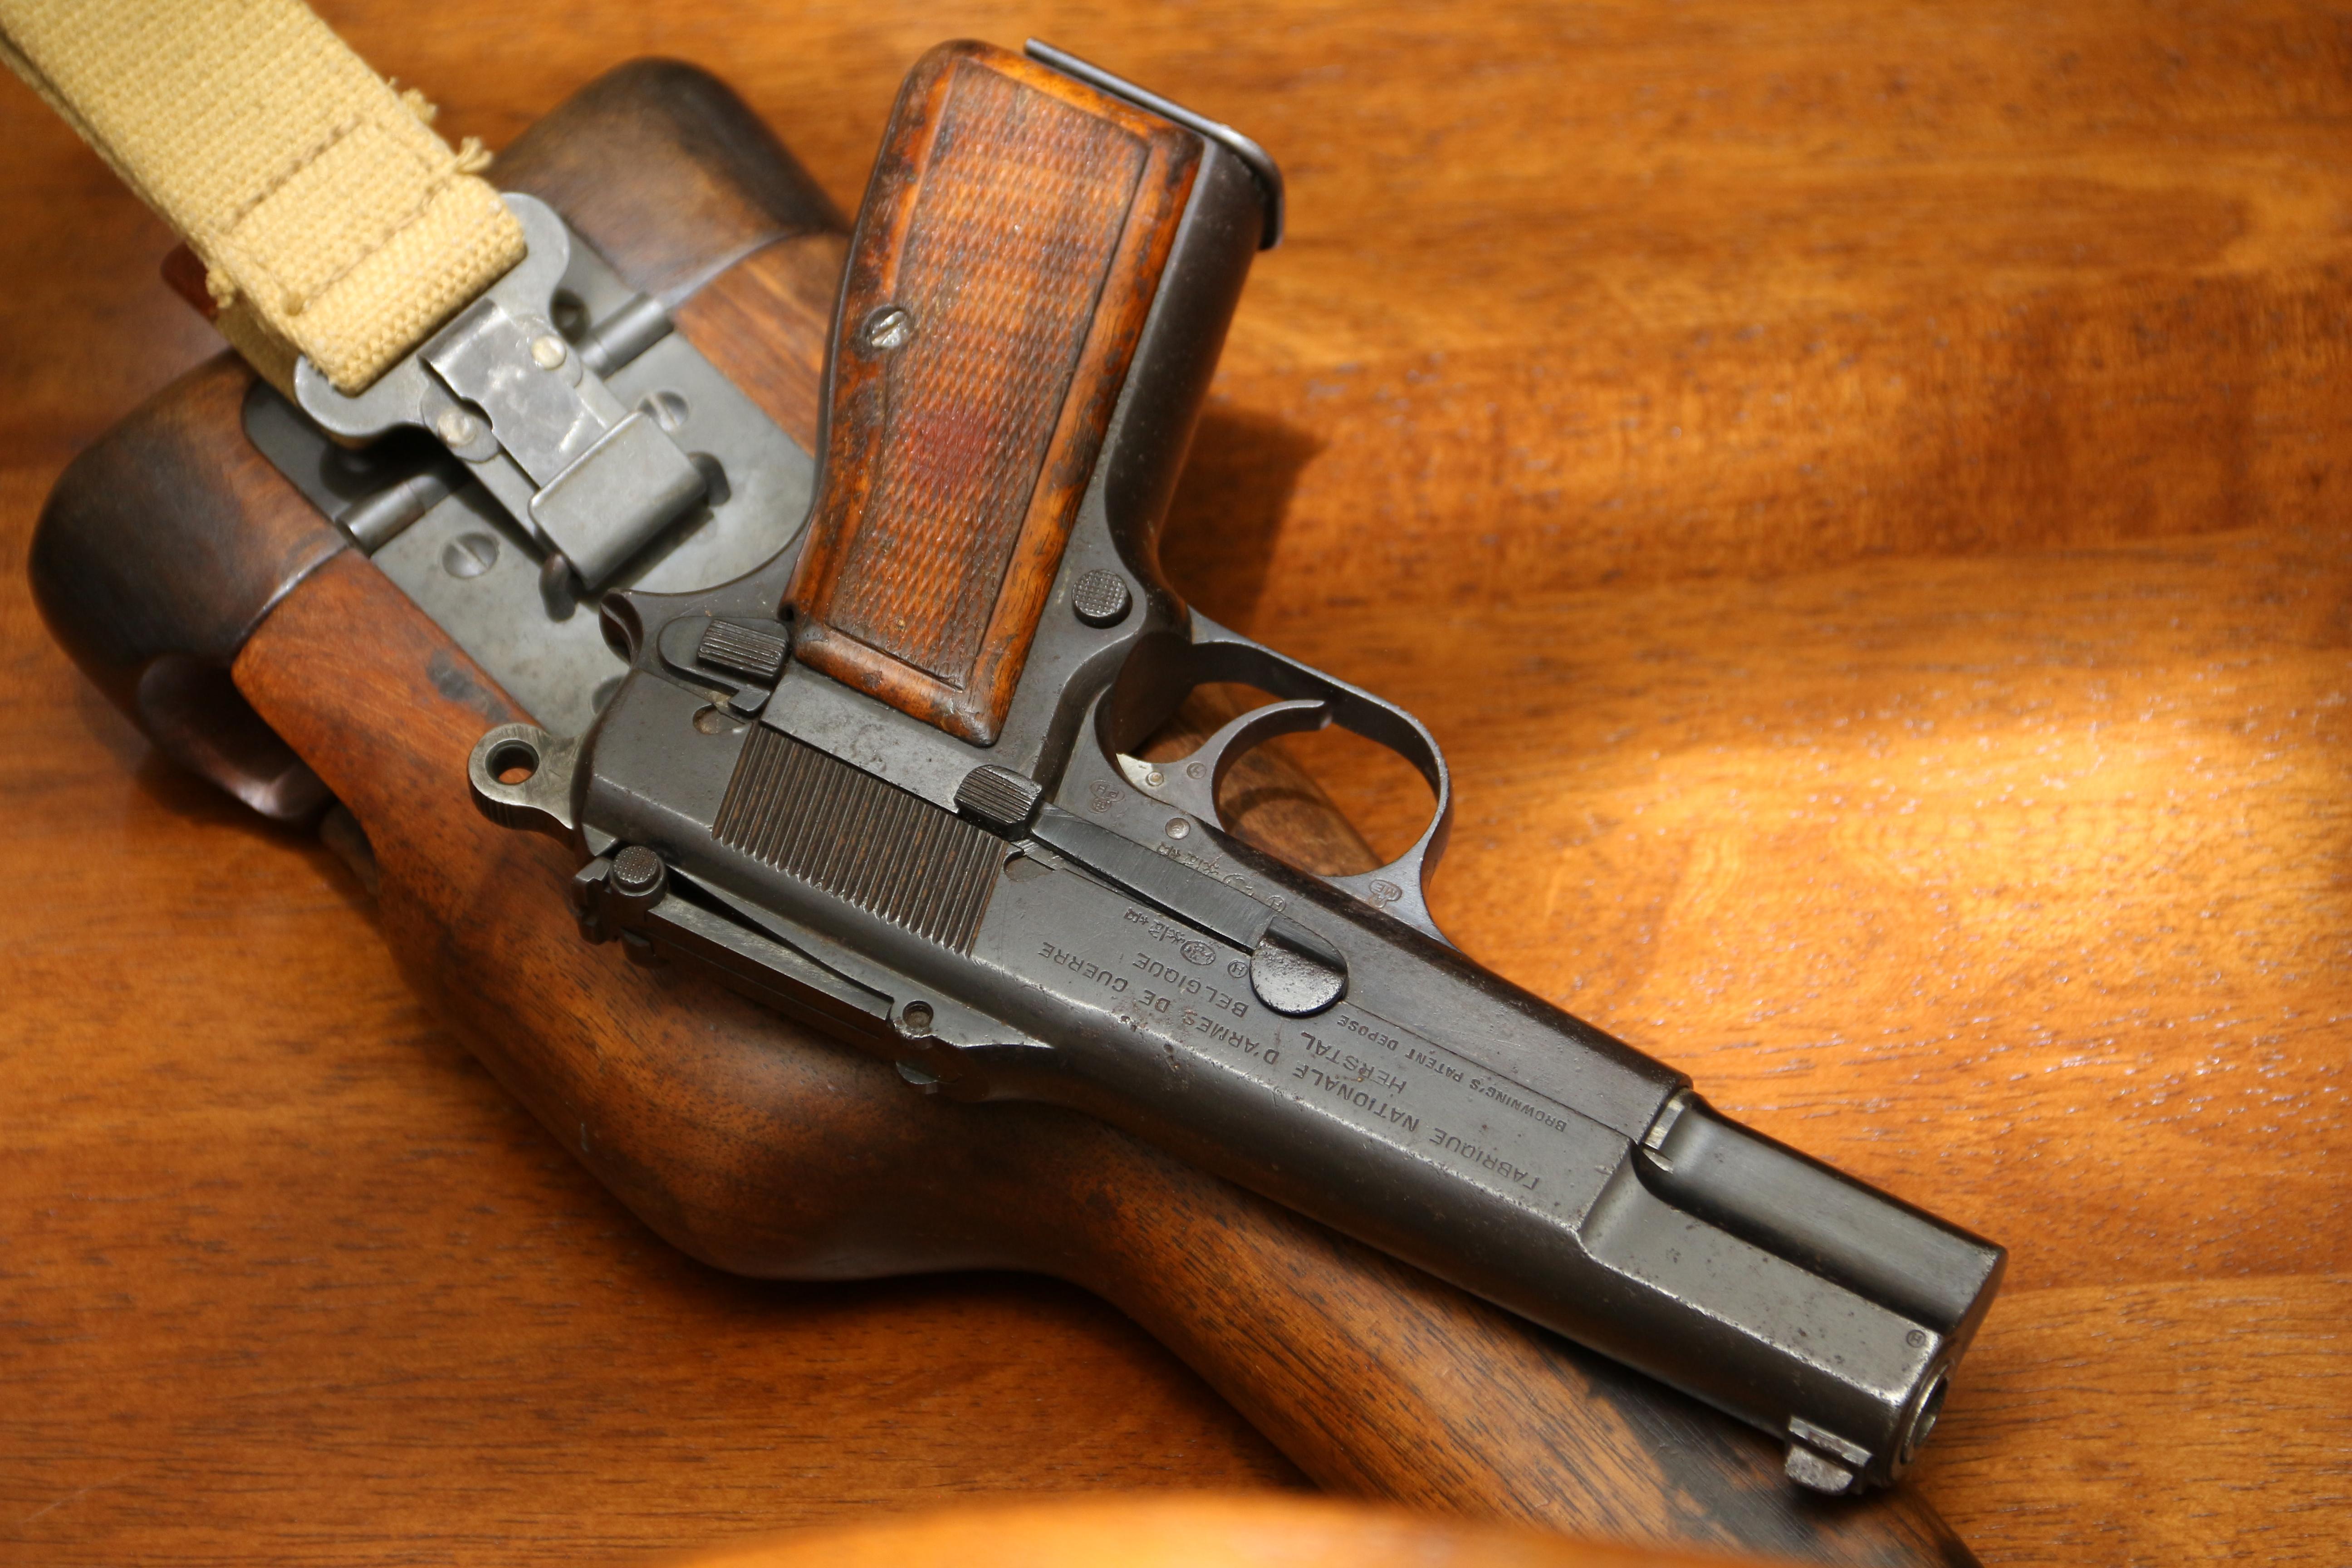 Фото Пистолет Browning High Power #17307 «ранний выпуск» с секторным прицелом